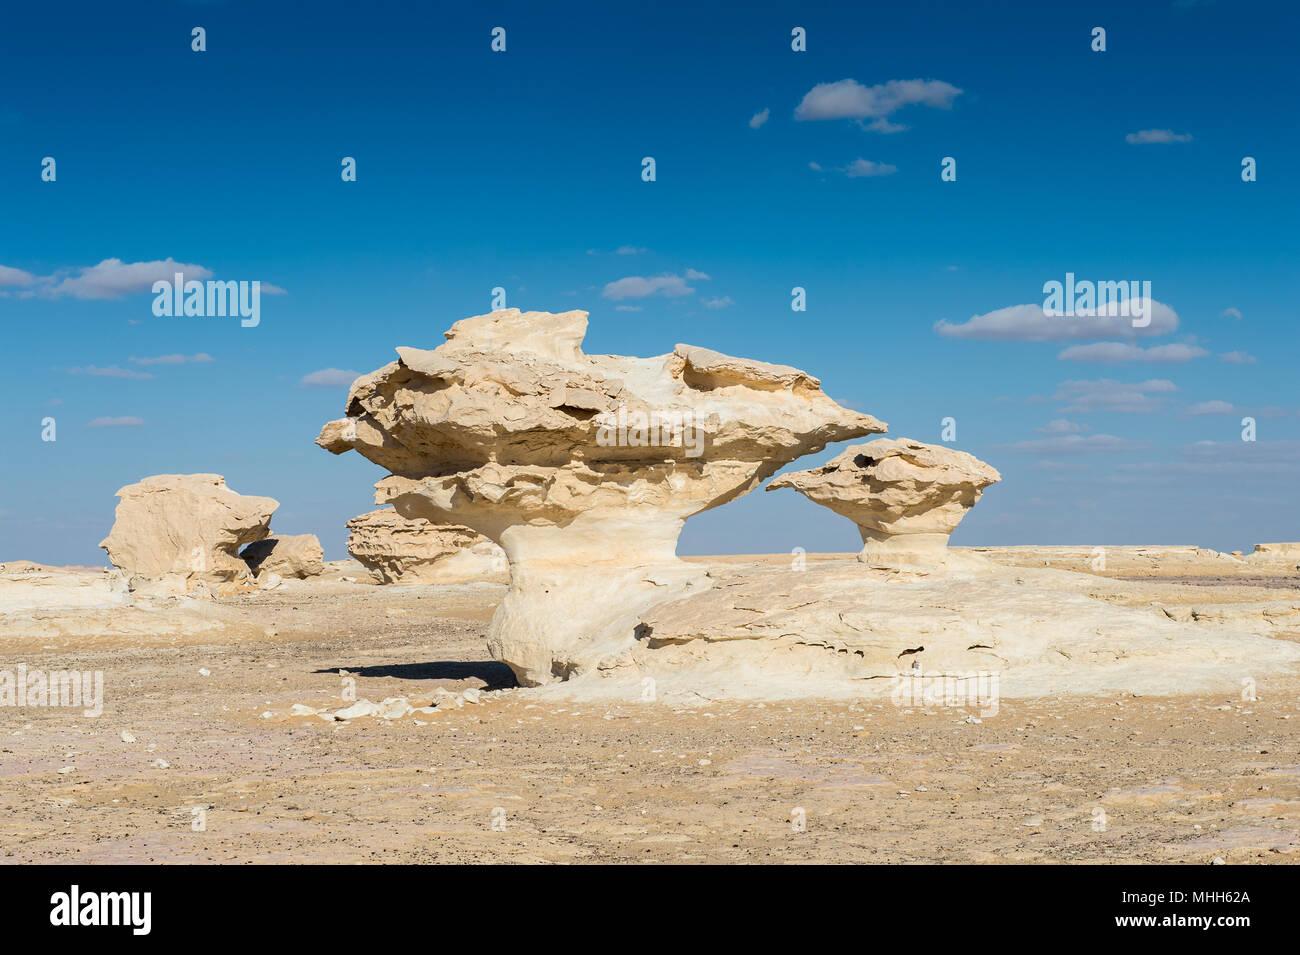 Pilz Felsformationen am westlichen Weisse Wüste in Ägypten Stockbild